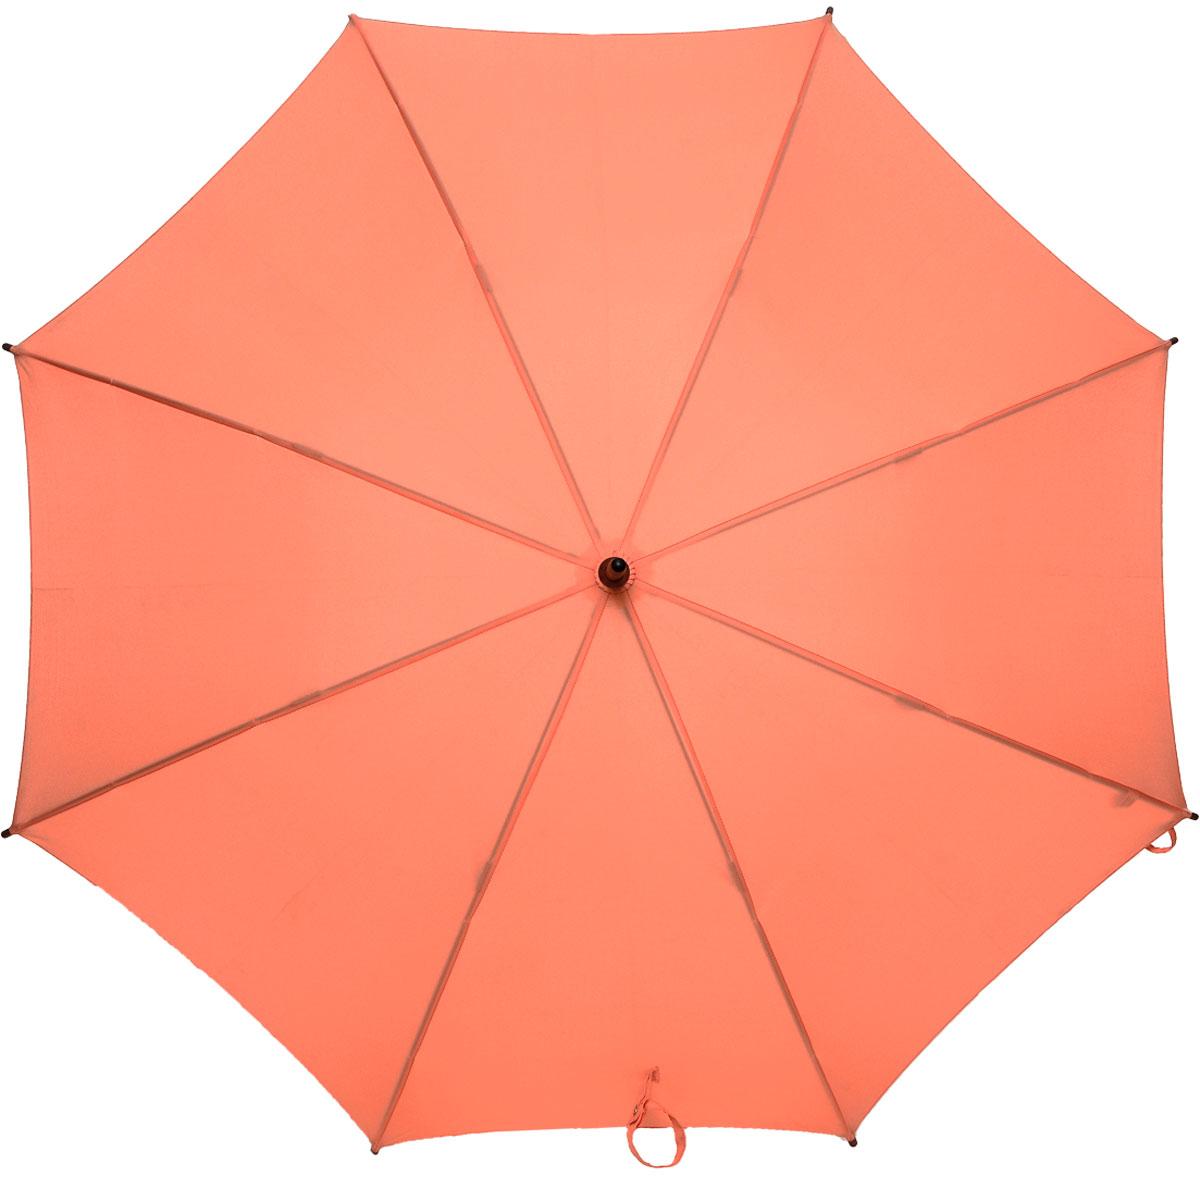 Зонт-трость женский Fulton Kensington, механический, цвет: коралловый. L776-04145100032/35449/3537AМодный механический зонт-трость Fulton Kensington даже в ненастную погоду позволит вам оставаться стильной и элегантной. Каркас зонта состоит из 8 спиц и стержня из фибергласса. Купол зонта выполнен из прочного полиэстера. Изделие оснащено удобной рукояткой из дерева.Зонт механического сложения: купол открывается и закрывается вручную до характерного щелчка.Модель закрывается при помощи хлястика на кнопку.Такой зонт не только надежно защитит вас от дождя, но и станет стильным аксессуаром, который идеально подчеркнет ваш неповторимый образ.